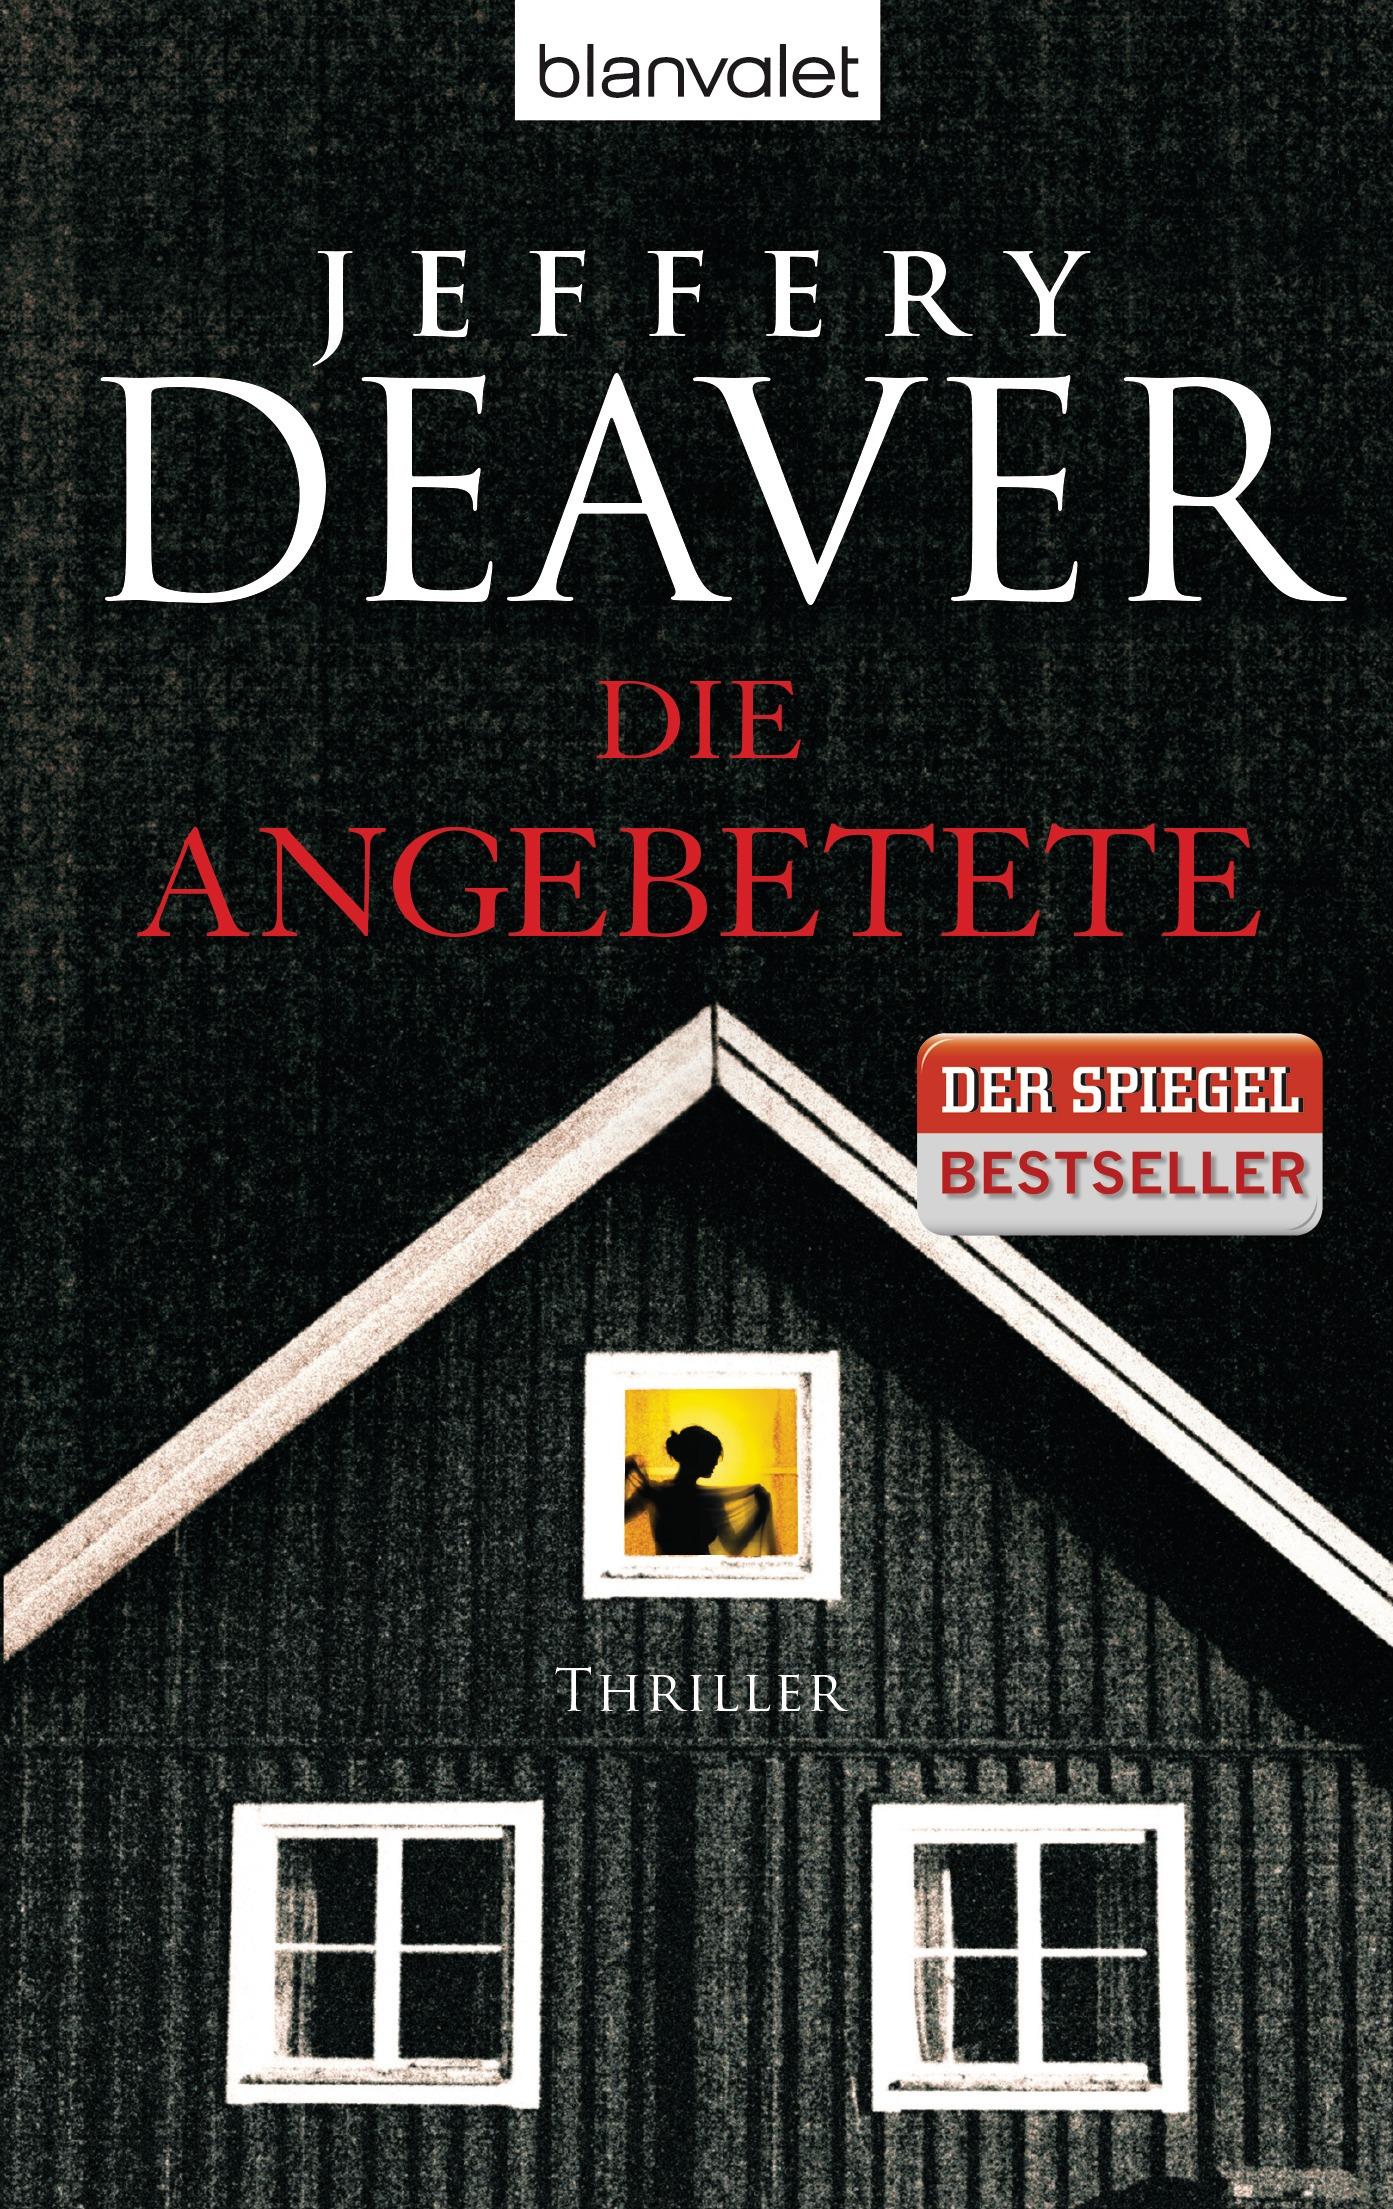 Die Angebetete - Jeffery Deaver